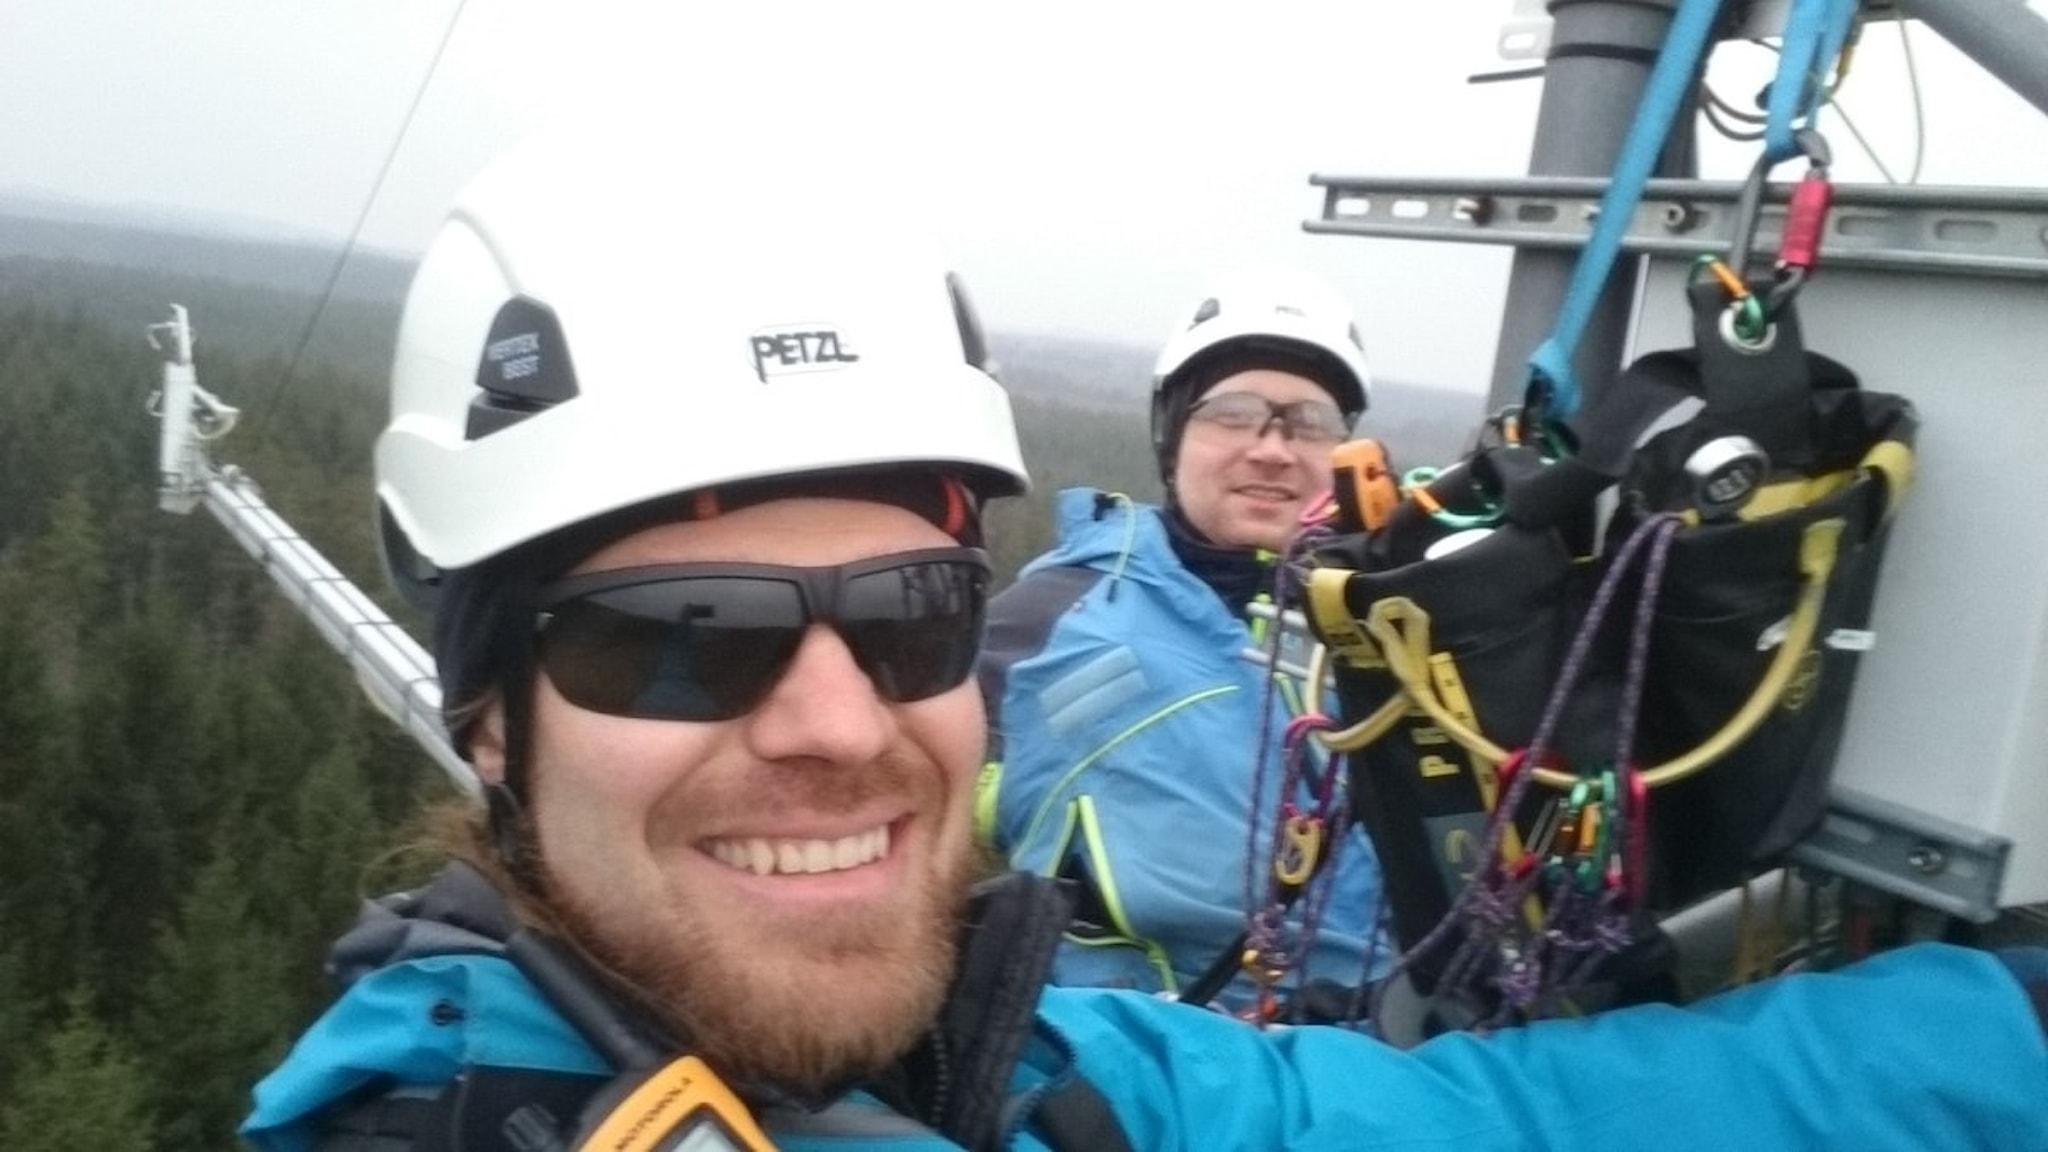 Michal Heliasz Och Tobias Biermann i hjälmar och med klätterutrustning, i masten, högt över trädtopparna.